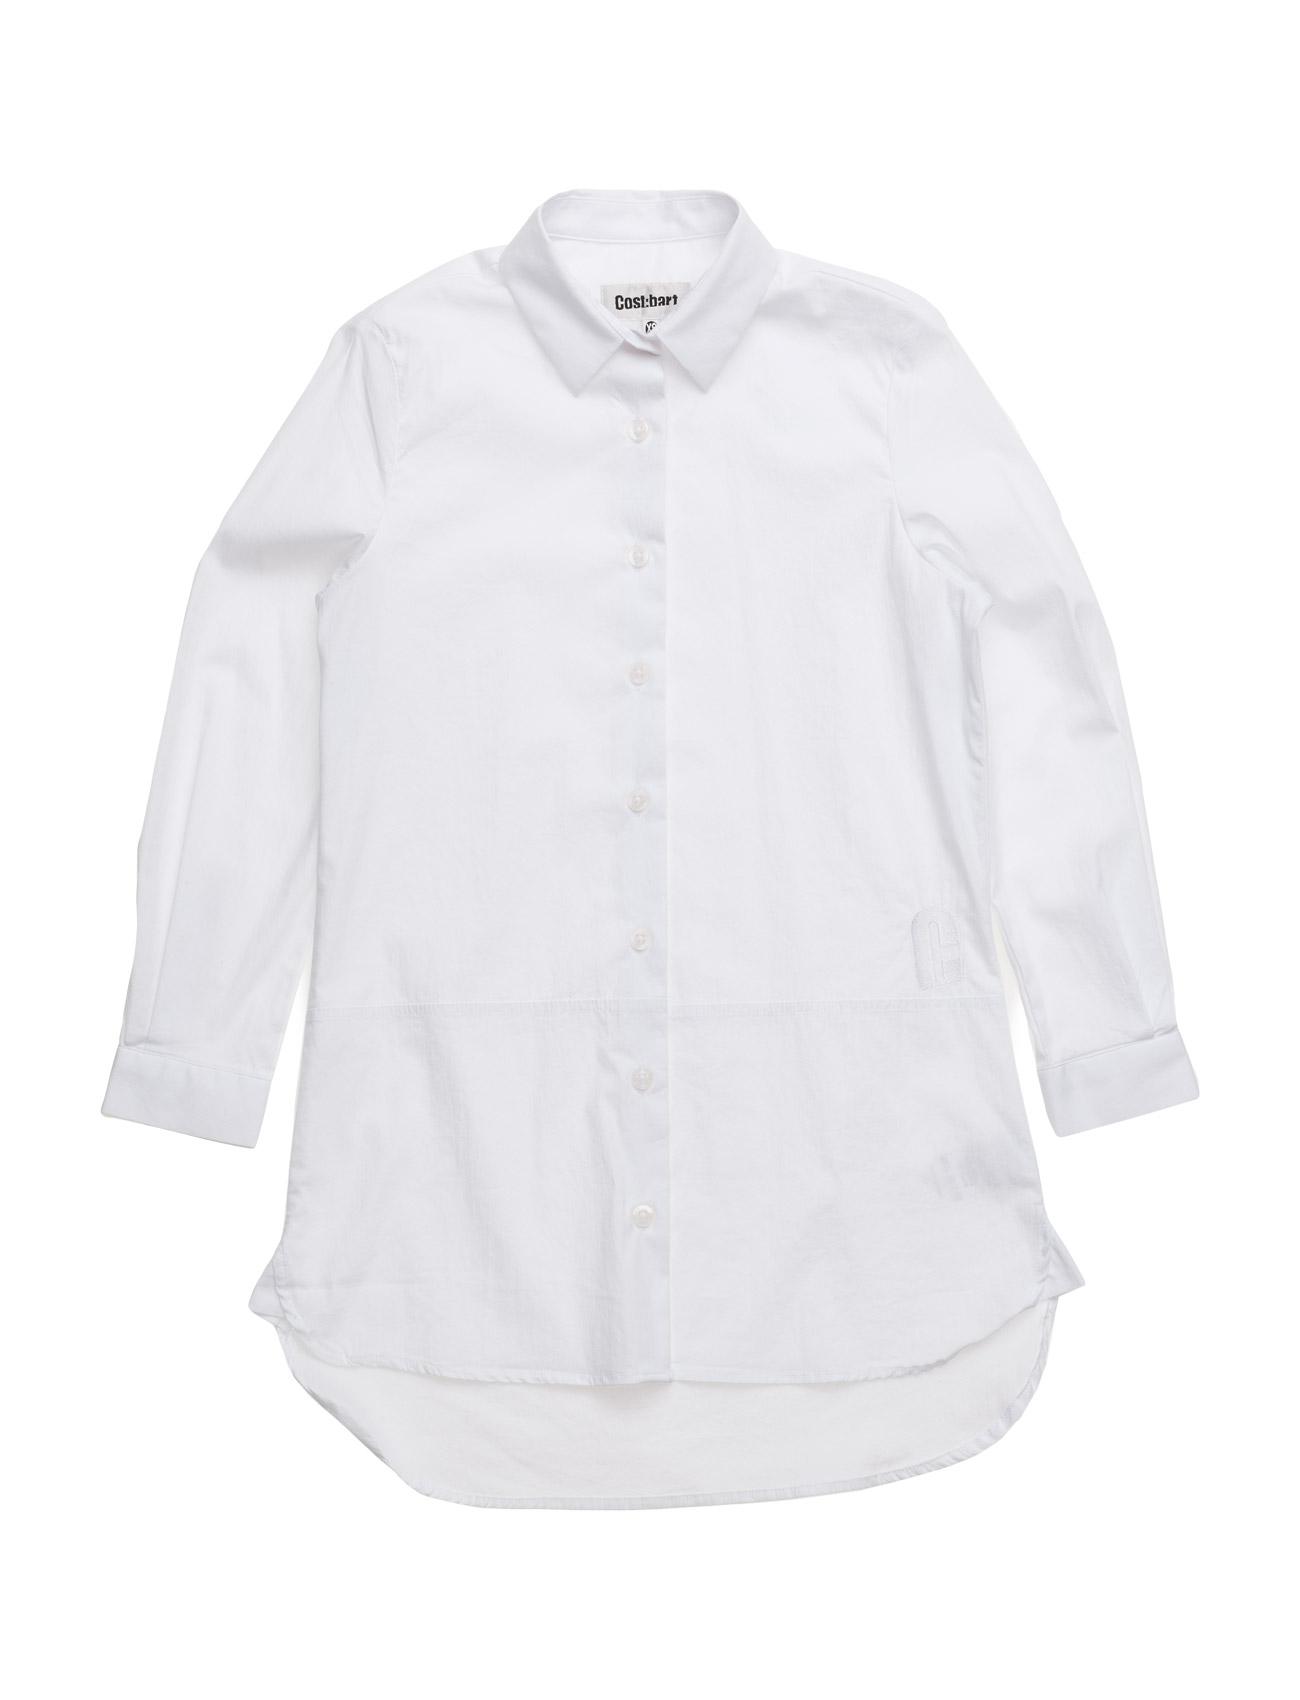 Joyce Shirt CostBart  til Børn i